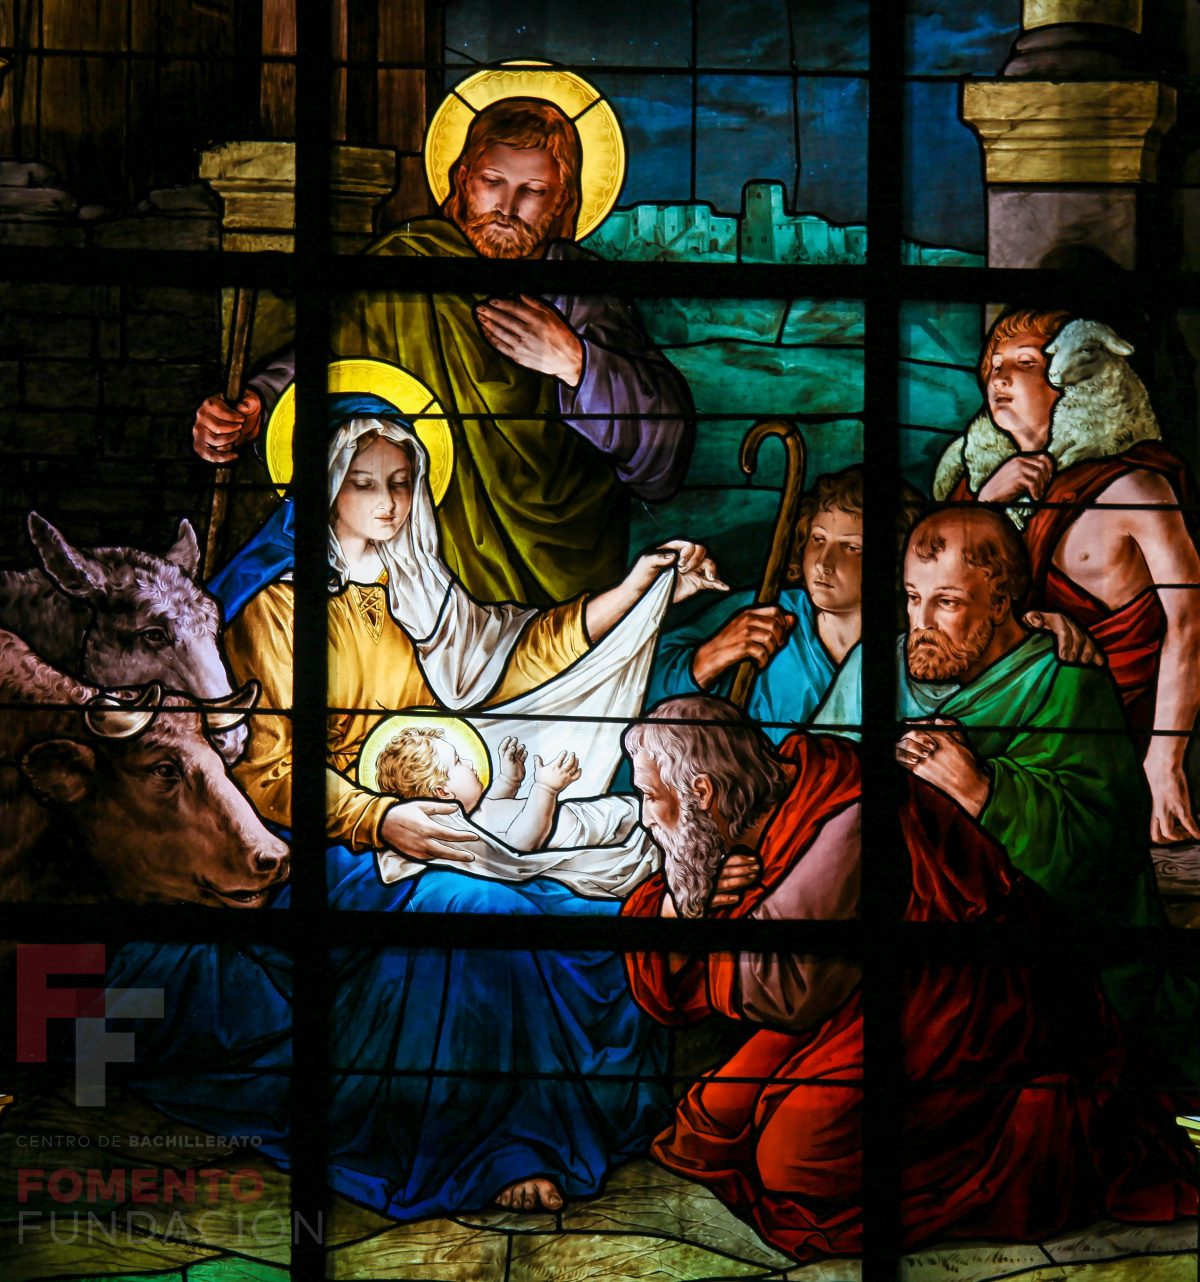 Feliz Navidad desde Fomento Fundación